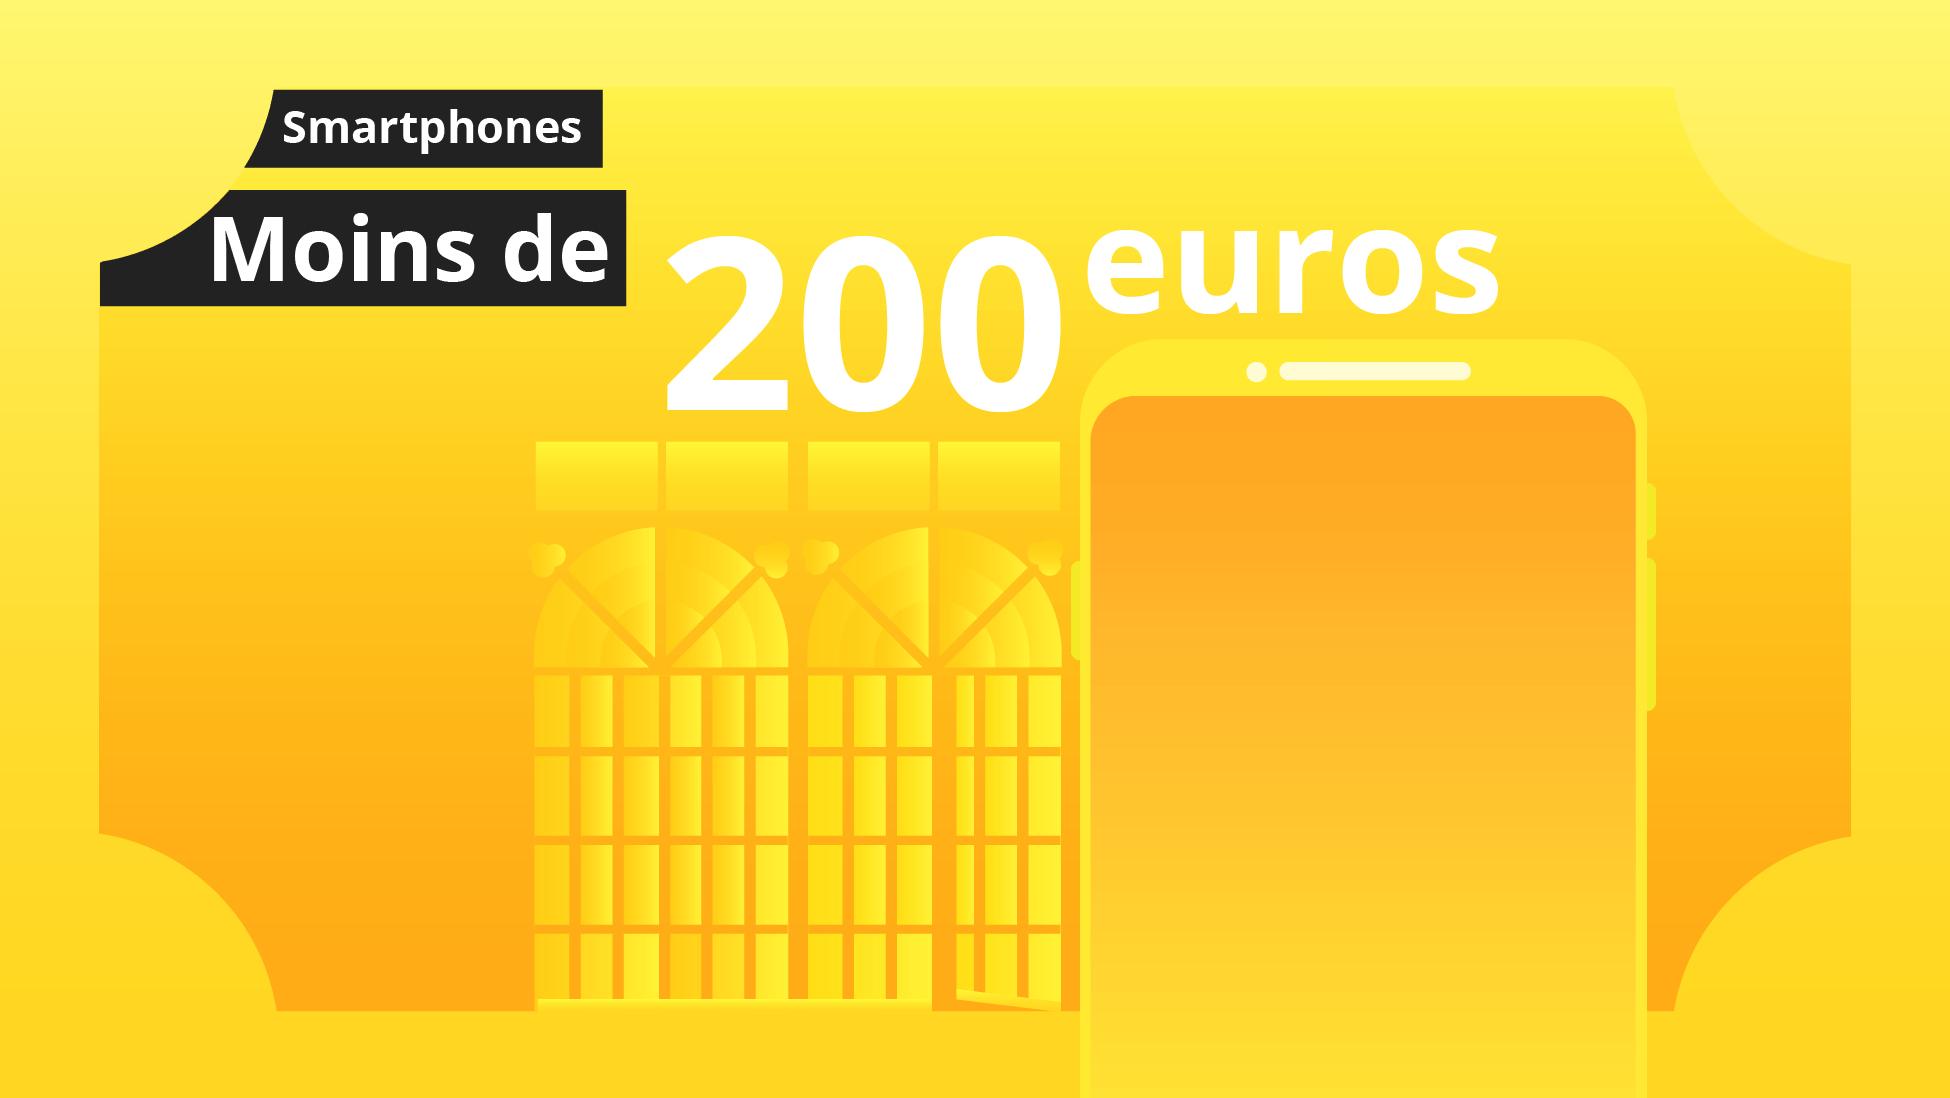 cb50c3917a4d3 Les meilleurs smartphones Android à moins de 200 euros en 2019 ...